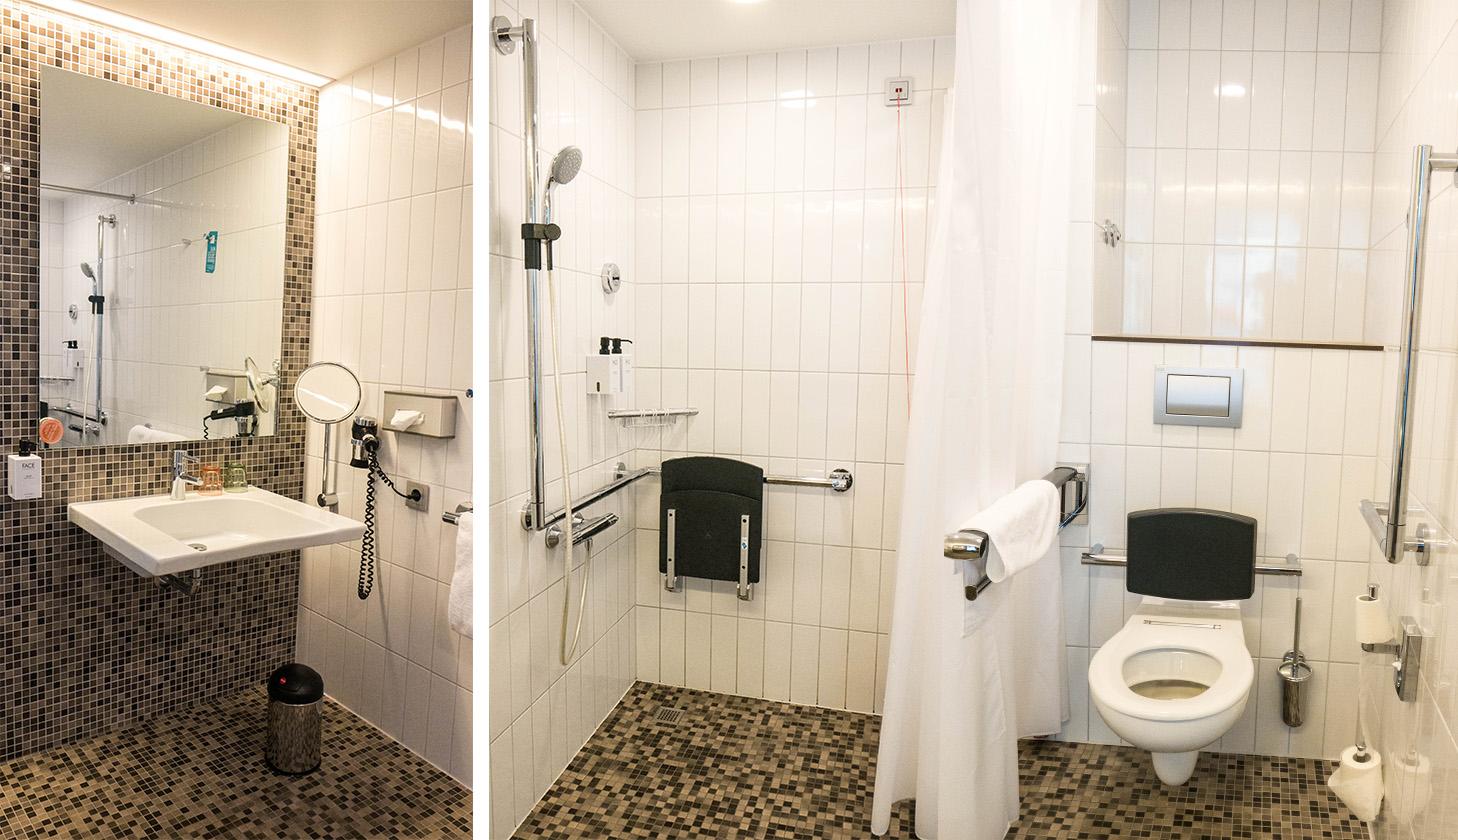 Voici un hotel à berlin accessible aux pmr.